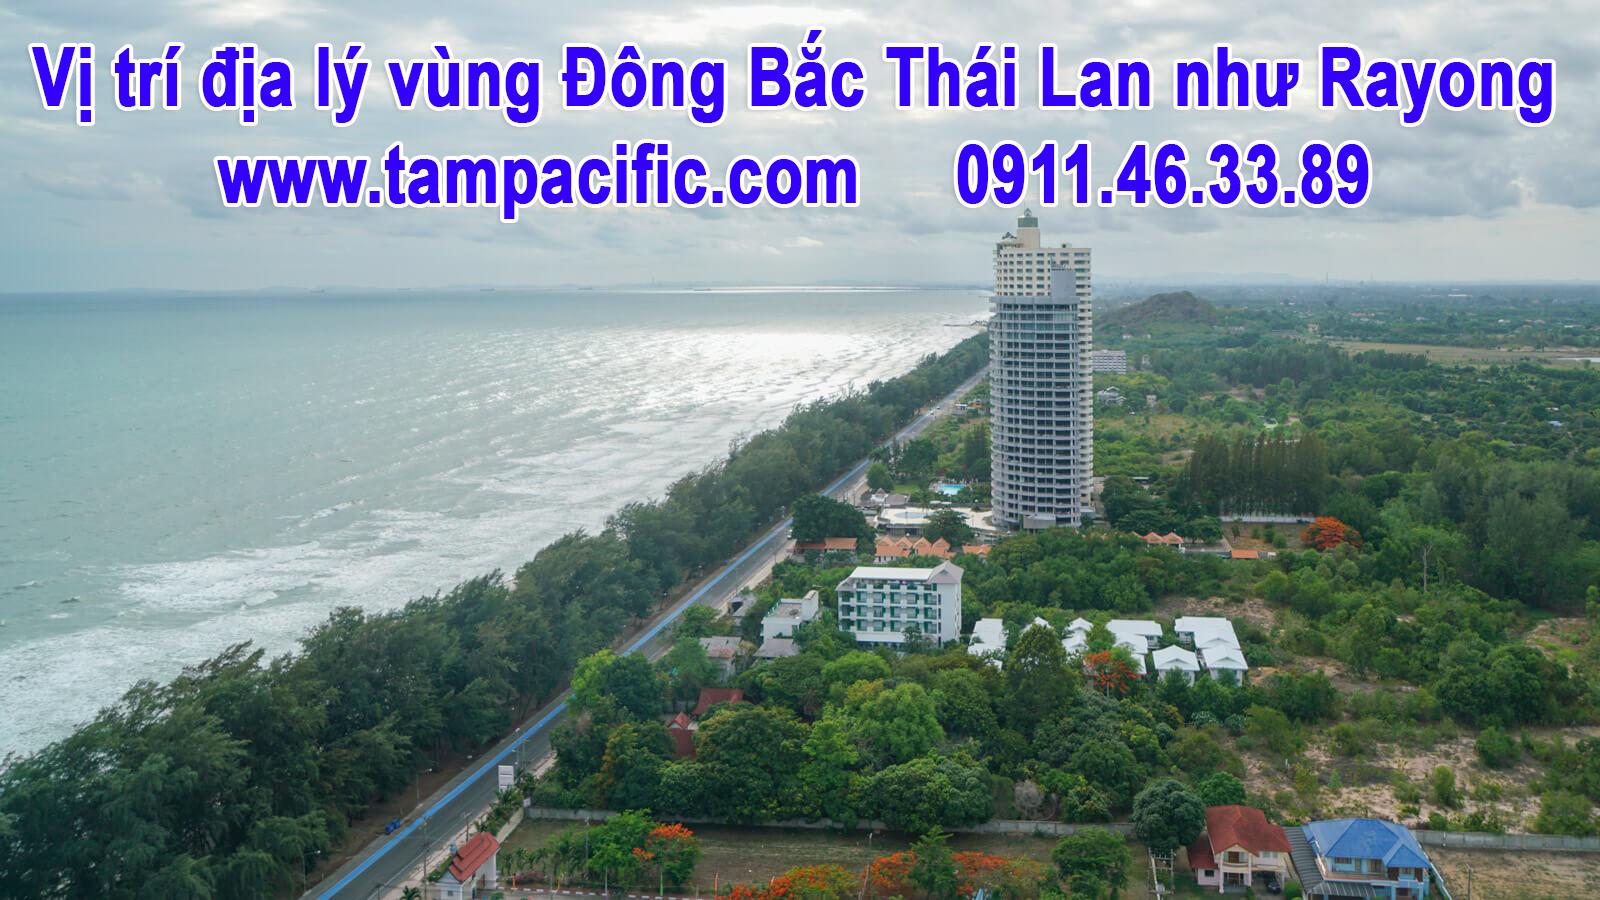 Vị trí địa lý vùng Đông Bắc Thái Lan như Rayong